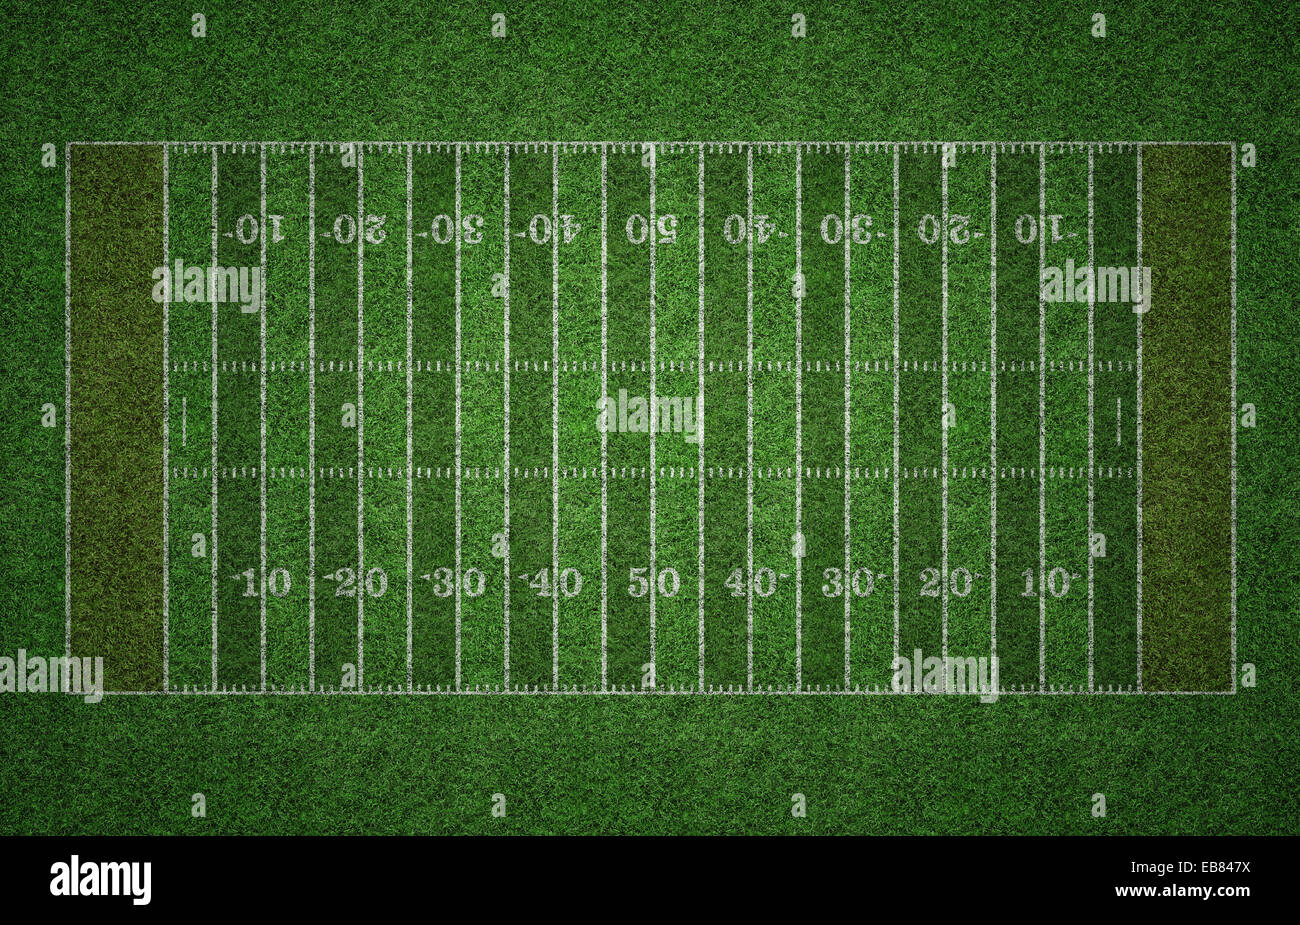 Erba Verde American campo di calcio con linee bianche che segna il passo. Immagini Stock